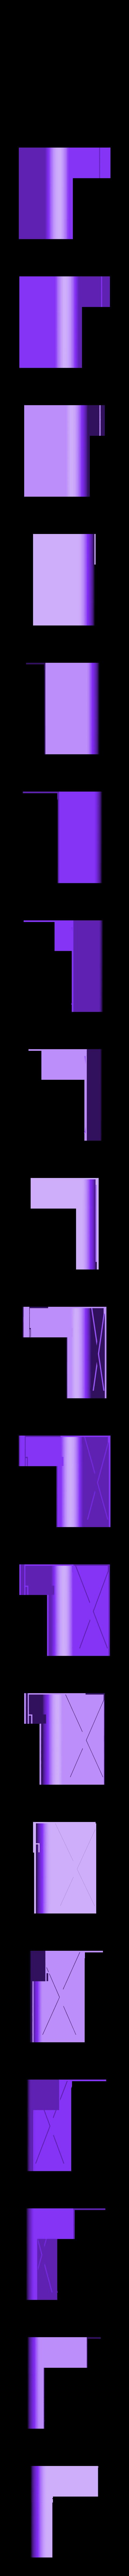 left_front_up.stl Télécharger fichier STL gratuit wanhao D7 boîtier, couvercle, couvercle, couvercle • Plan à imprimer en 3D, mariospeed